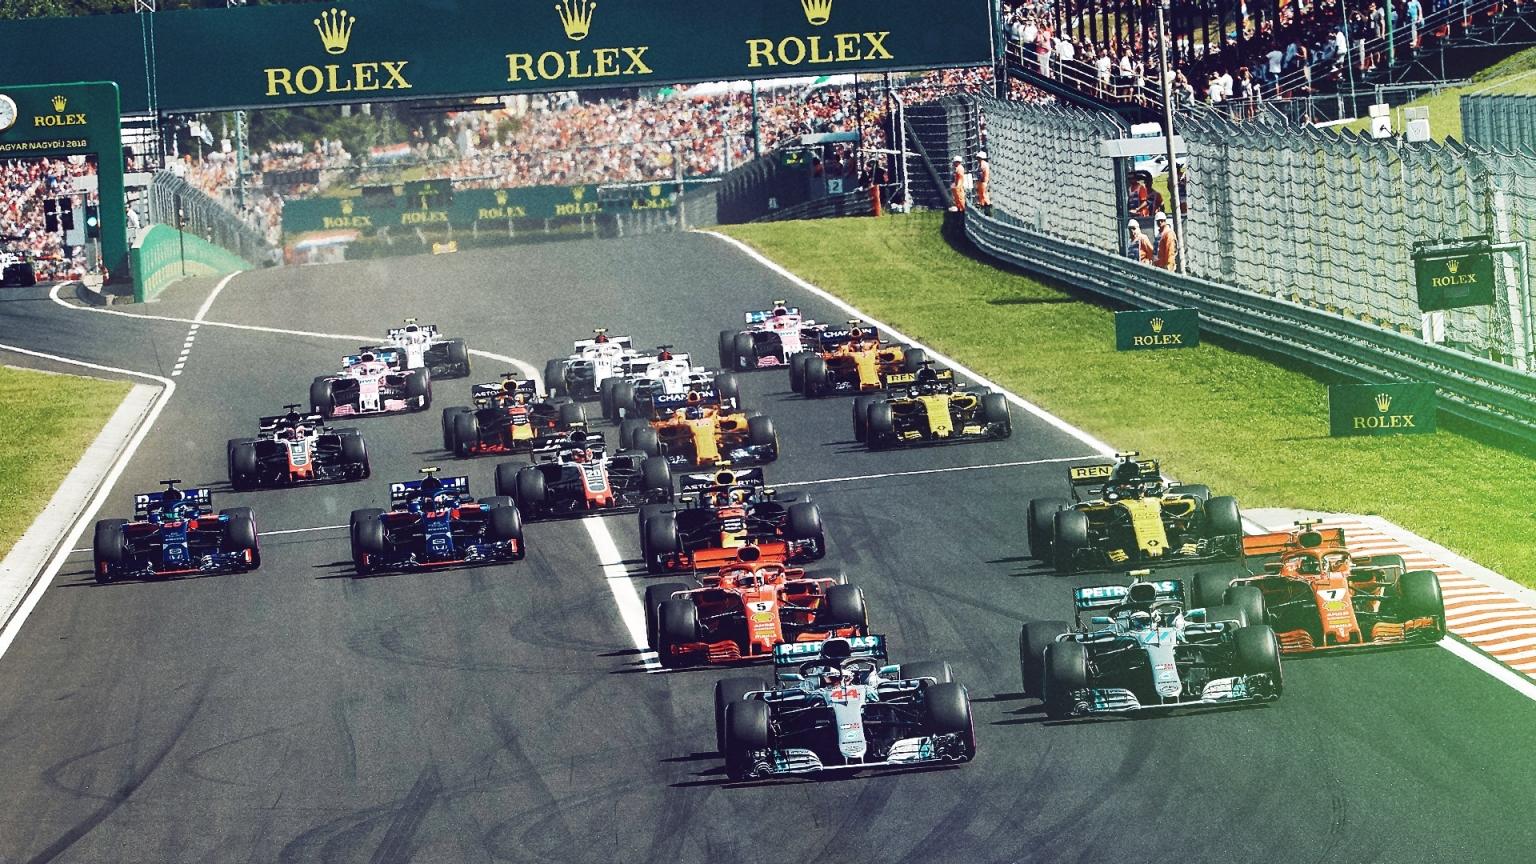 Présentation du Grand Prix de Hongrie